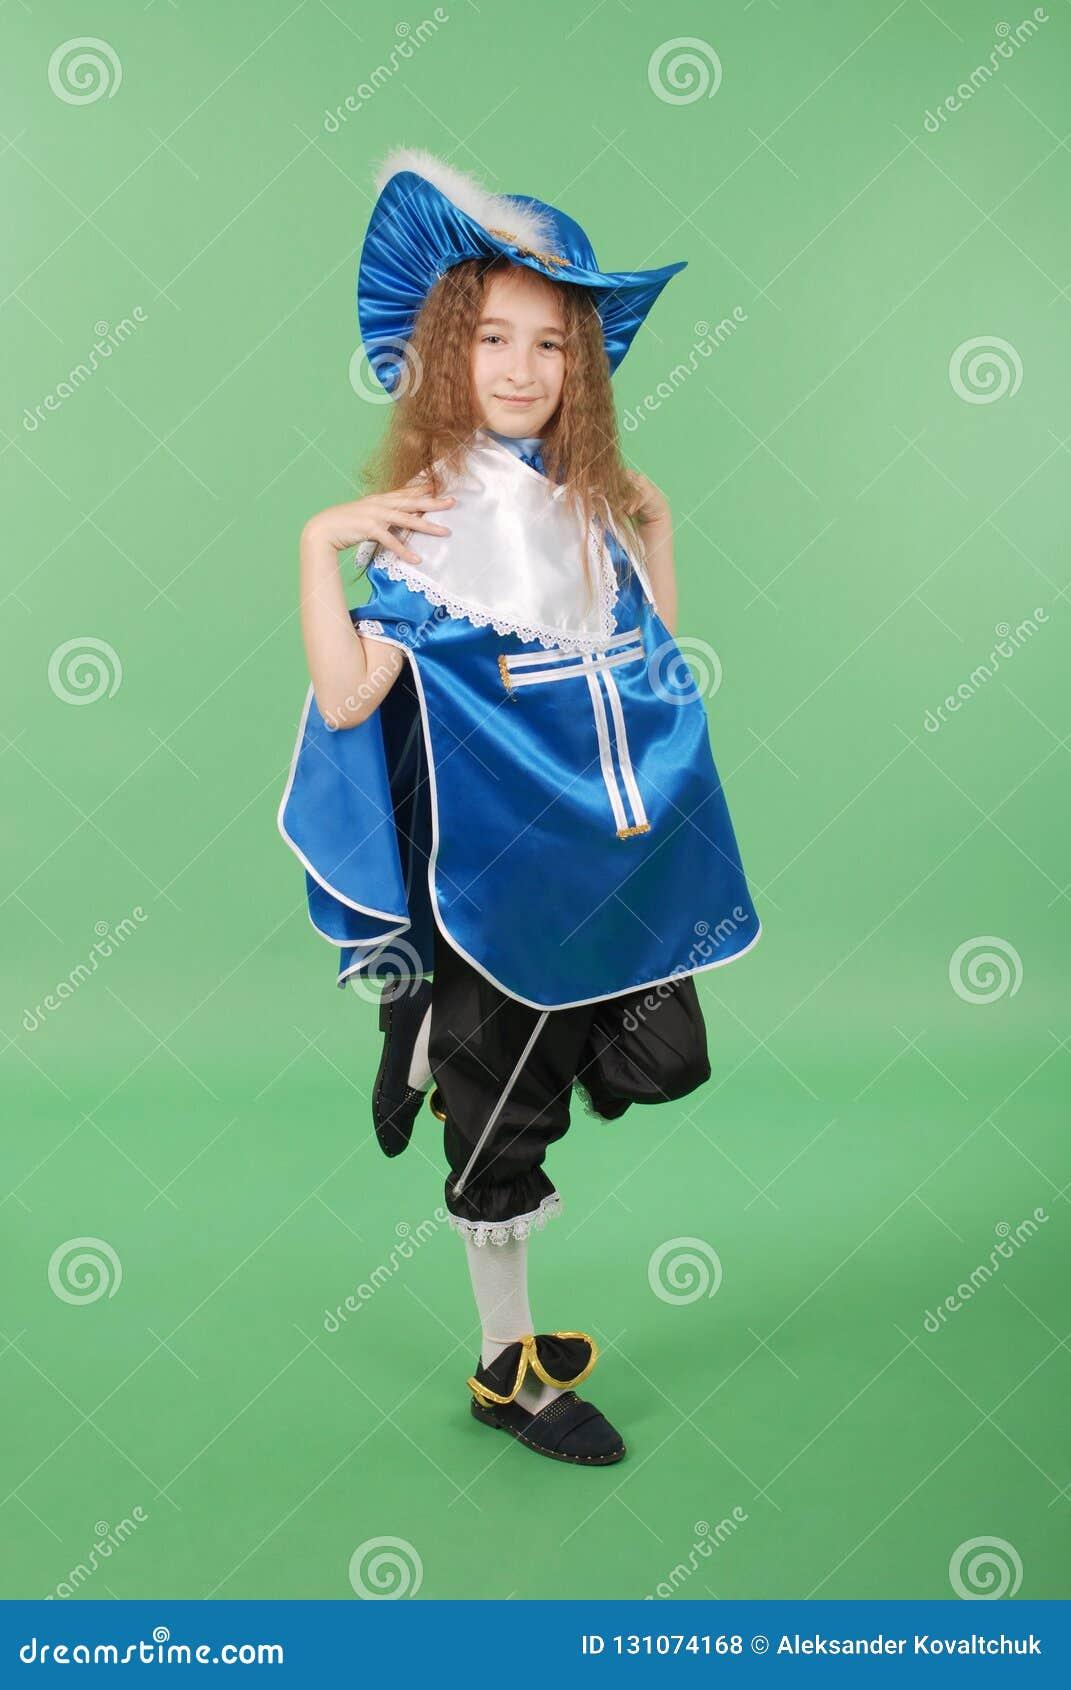 Jeune fille en tant que mousquetaire dans le costume bleu avec le beau chapeau bleu avec des plumes